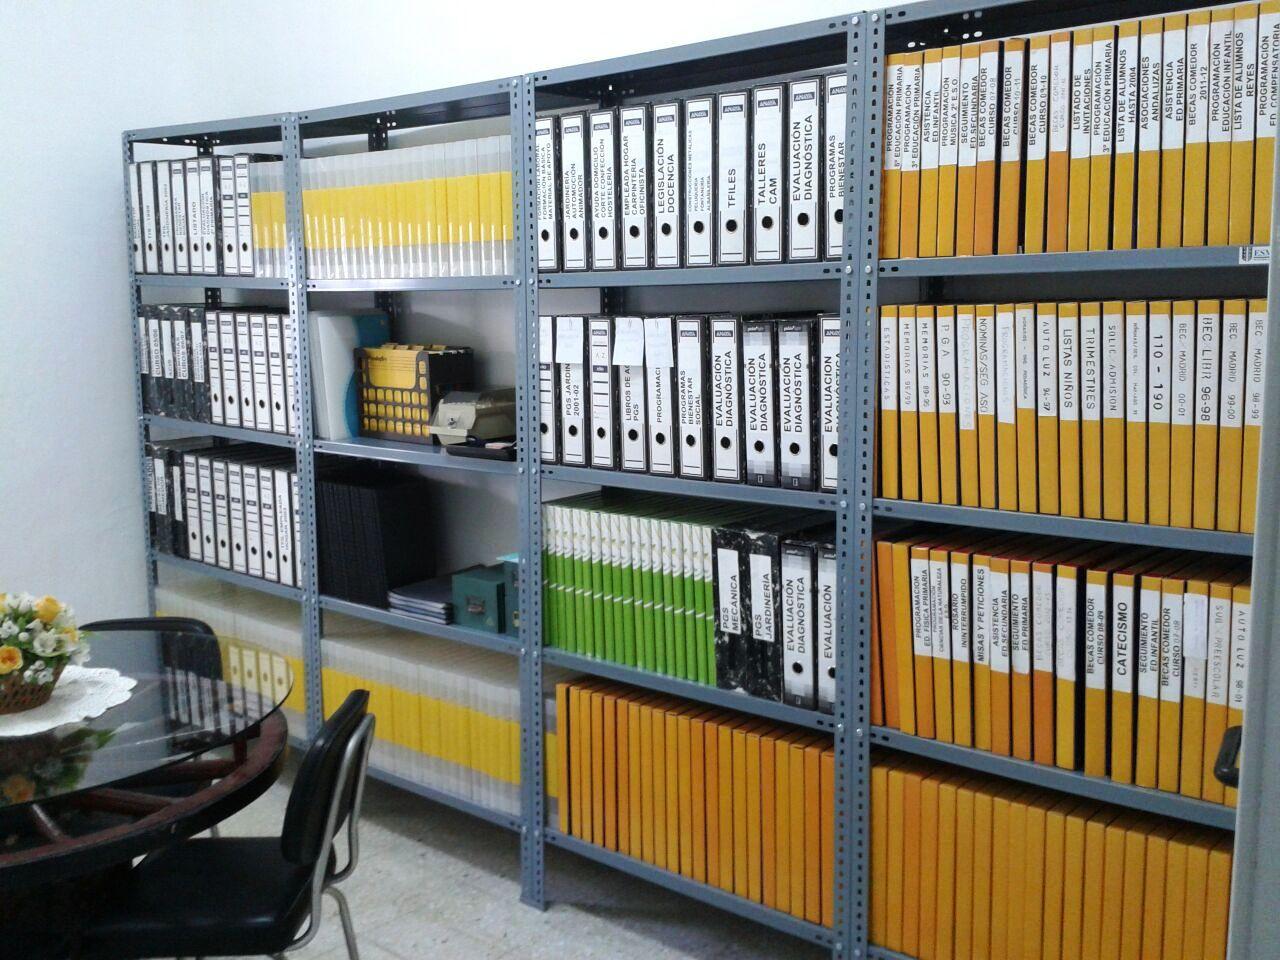 Estanterias metalicas para libros best estanterias metalicas para libros with estanterias - Estanterias metalicas para casa ...